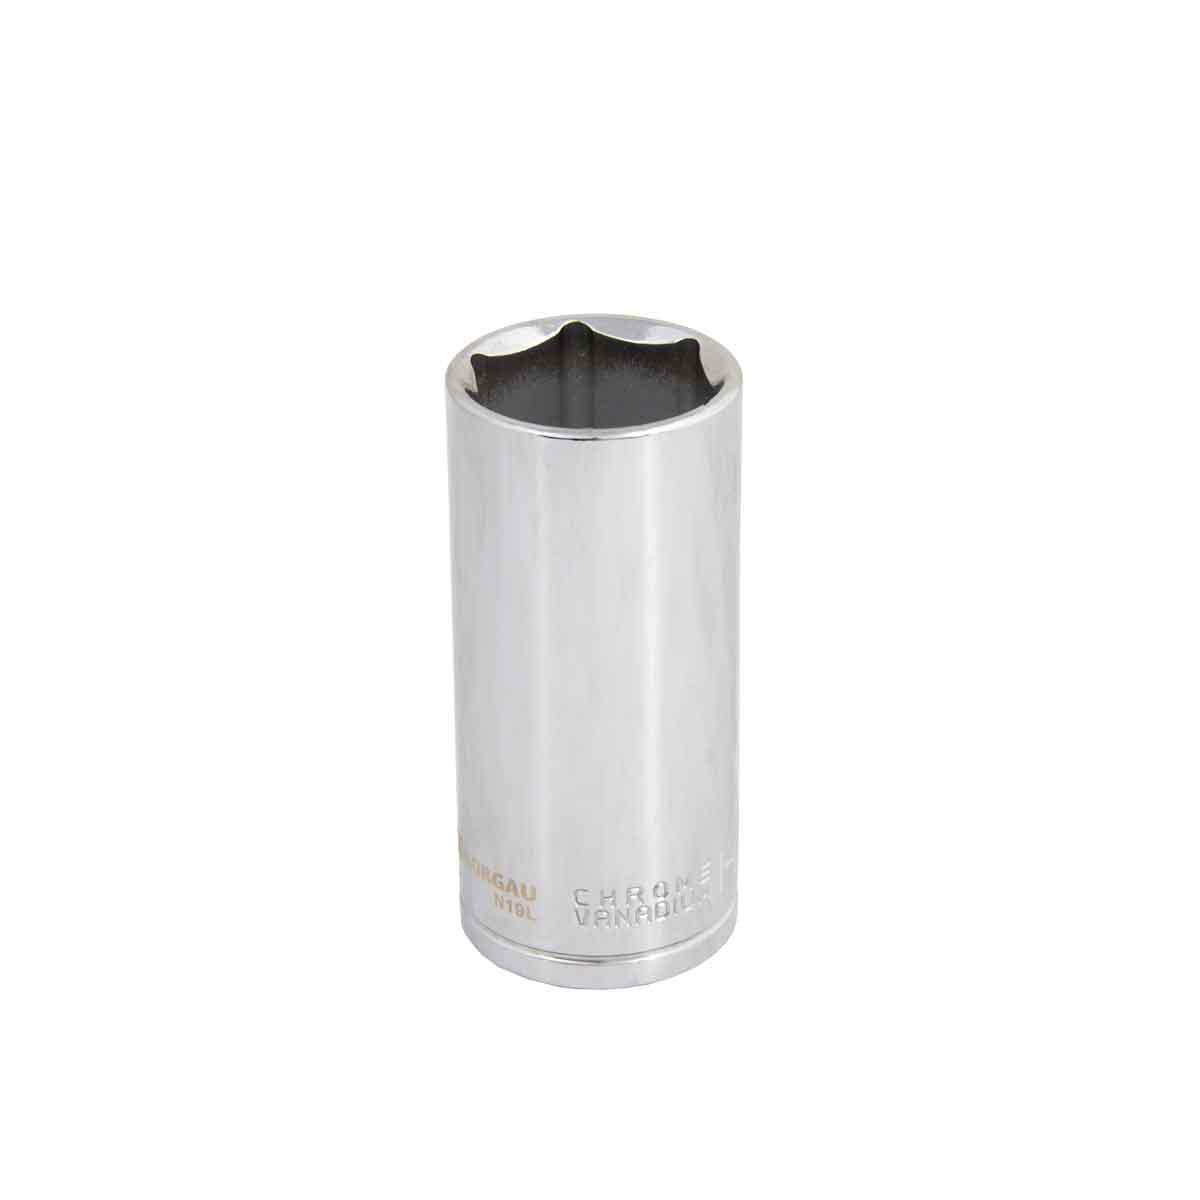 Головка торцевая Norgau размер 1'', h 77мм, s 1/2'' (063718043)